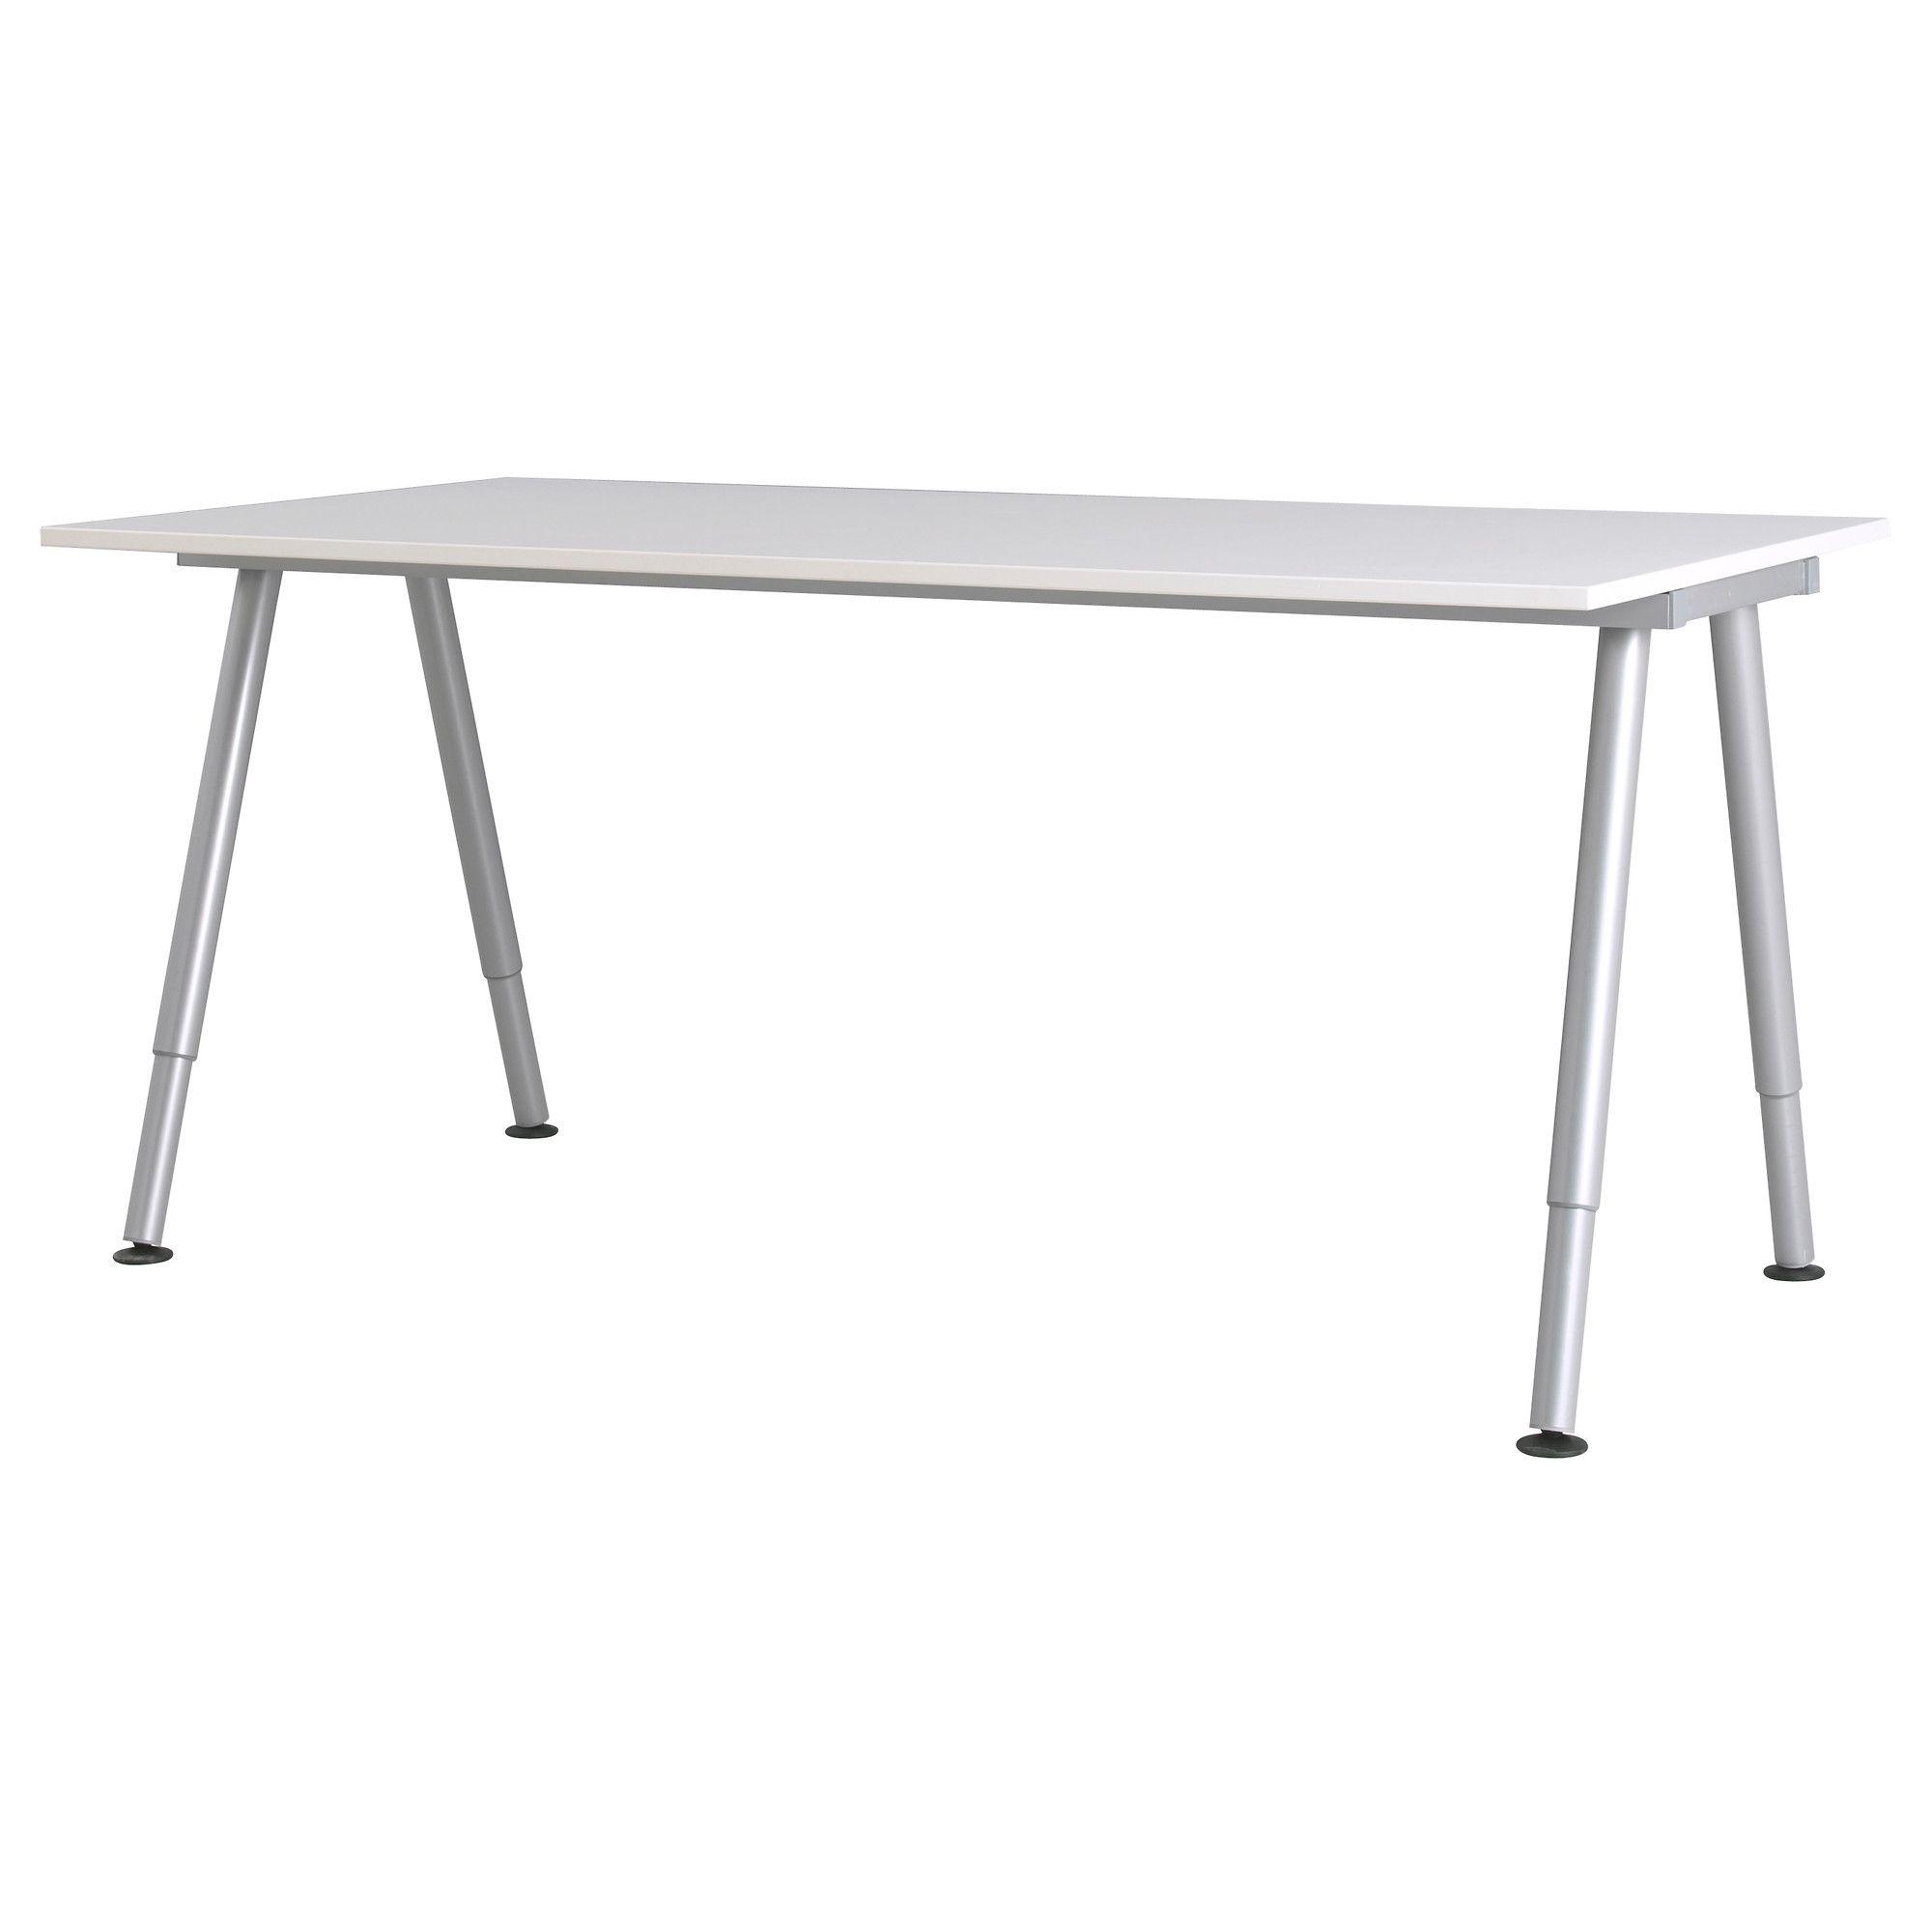 Ikea Hoekbureau Galant.Us Furniture And Home Furnishings Office Ideas Ikea